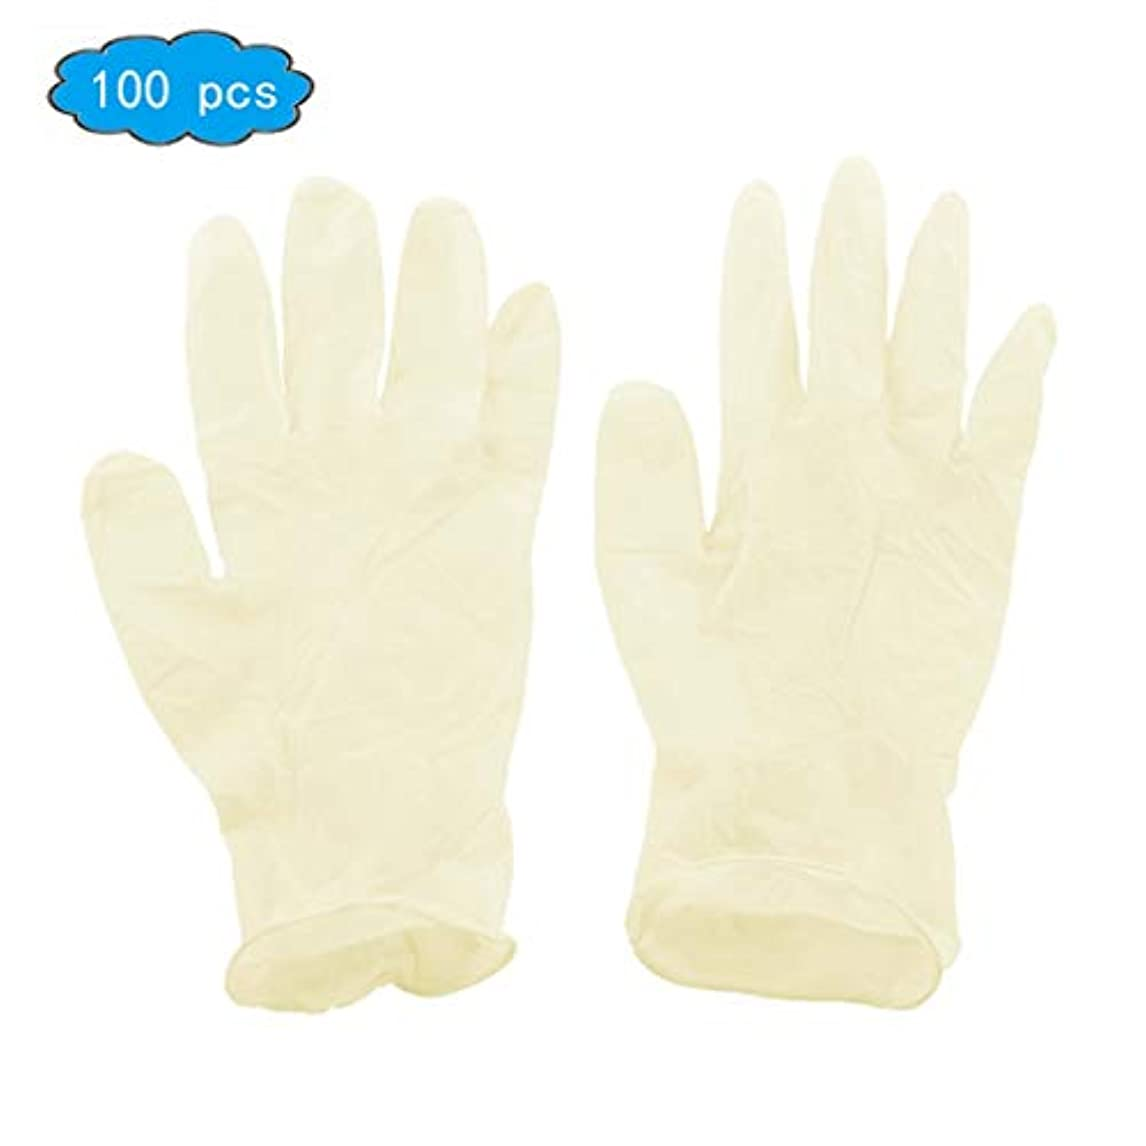 革命過度にブーム使い捨て手袋 - 医療用、パウダーフリー、ラテックスゴム、使い捨て、非滅菌、食品安全、テクスチャード加工、(便利なディスペンサーパック100)、中サイズ、応急処置用品 (Color : Beige, Size : M)